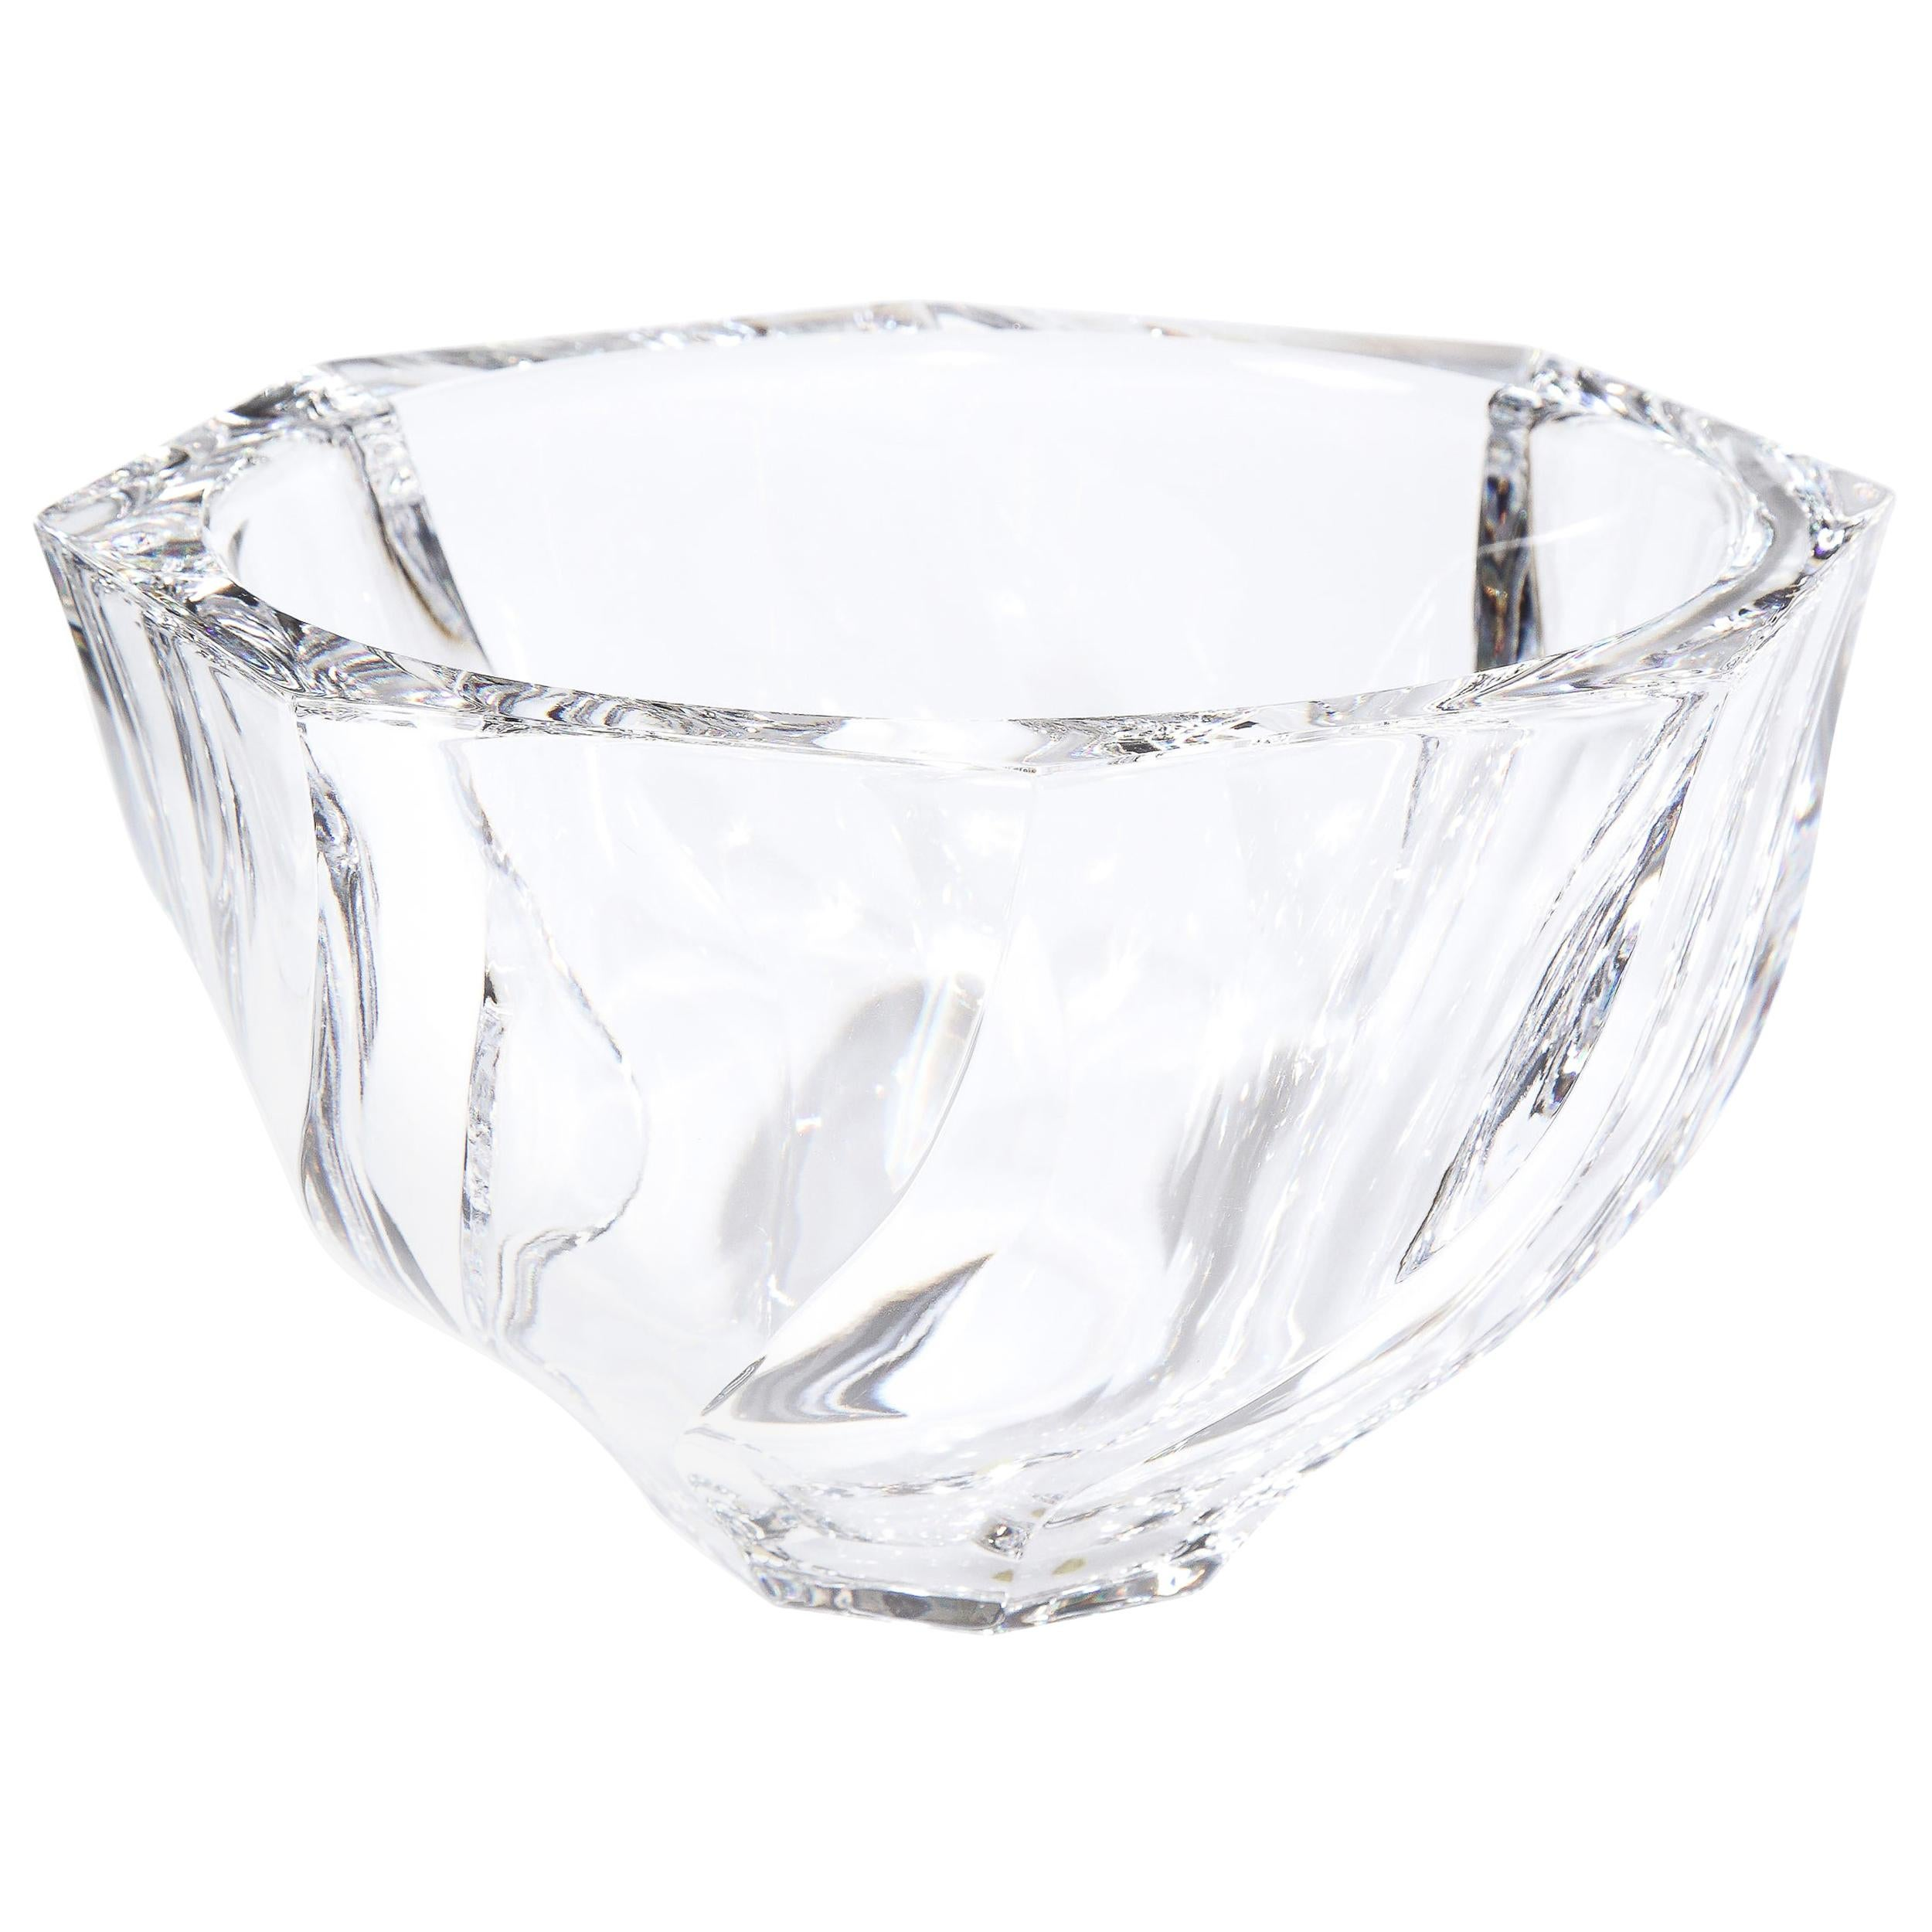 Scandinavian Modernist Faceted Translucent Glass Bowl Signed Orrefors